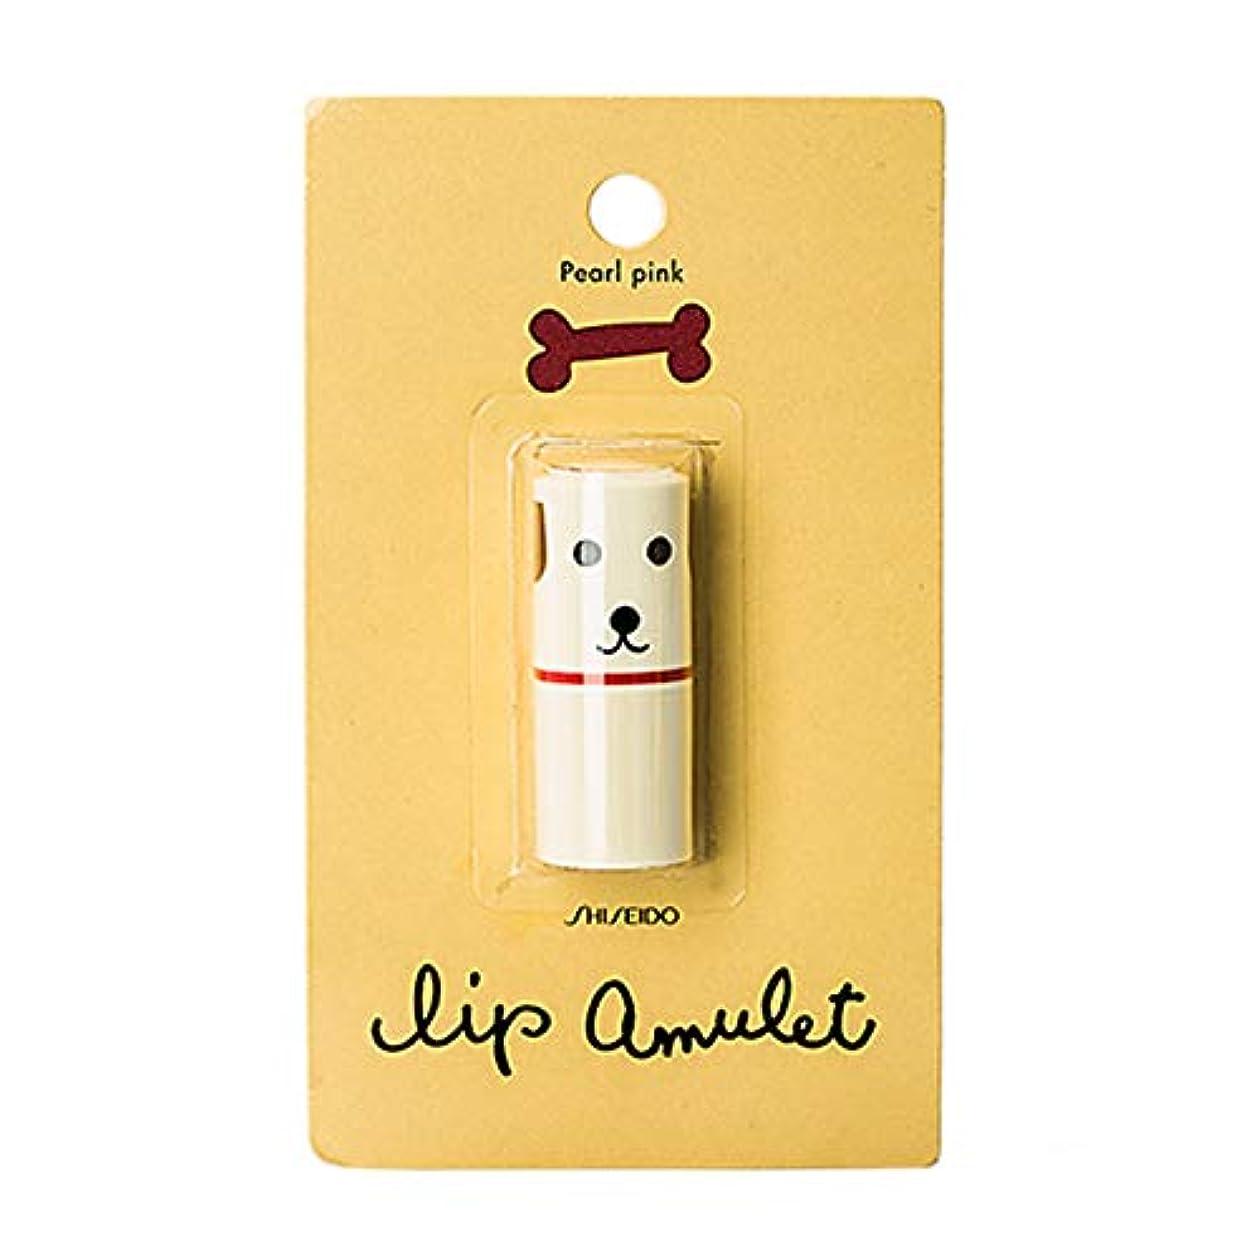 繰り返す液体司法【台湾限定】資生堂 Shiseido リップアミュレット Lip Amulet お土産 コスメ 色つきリップ 単品 珍珠粉紅 (パールピンク) [並行輸入品]